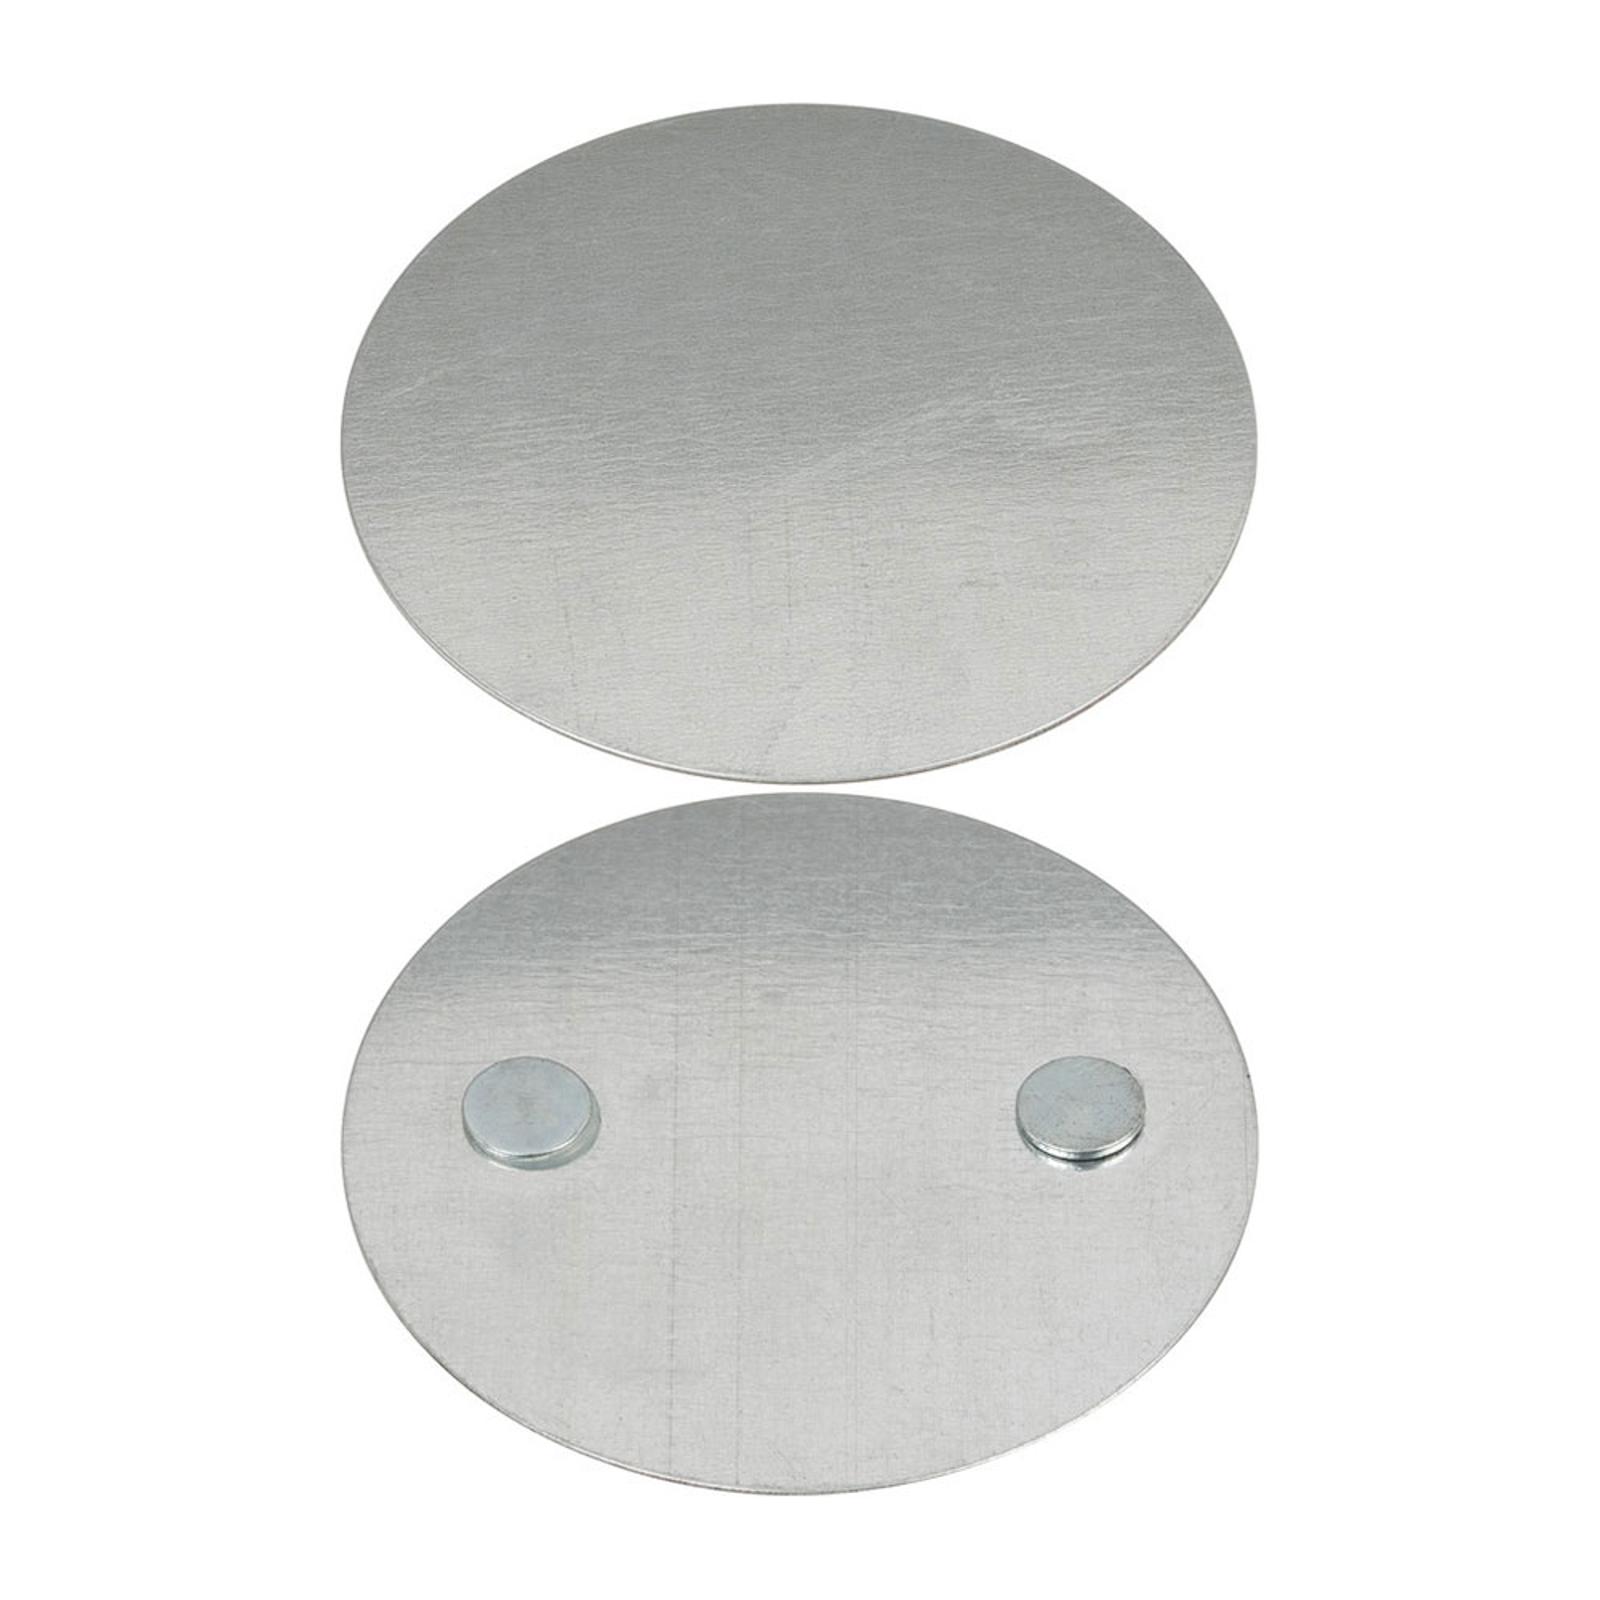 Magnetmontageplatte BR 1000 f. Rauchwarnmelder